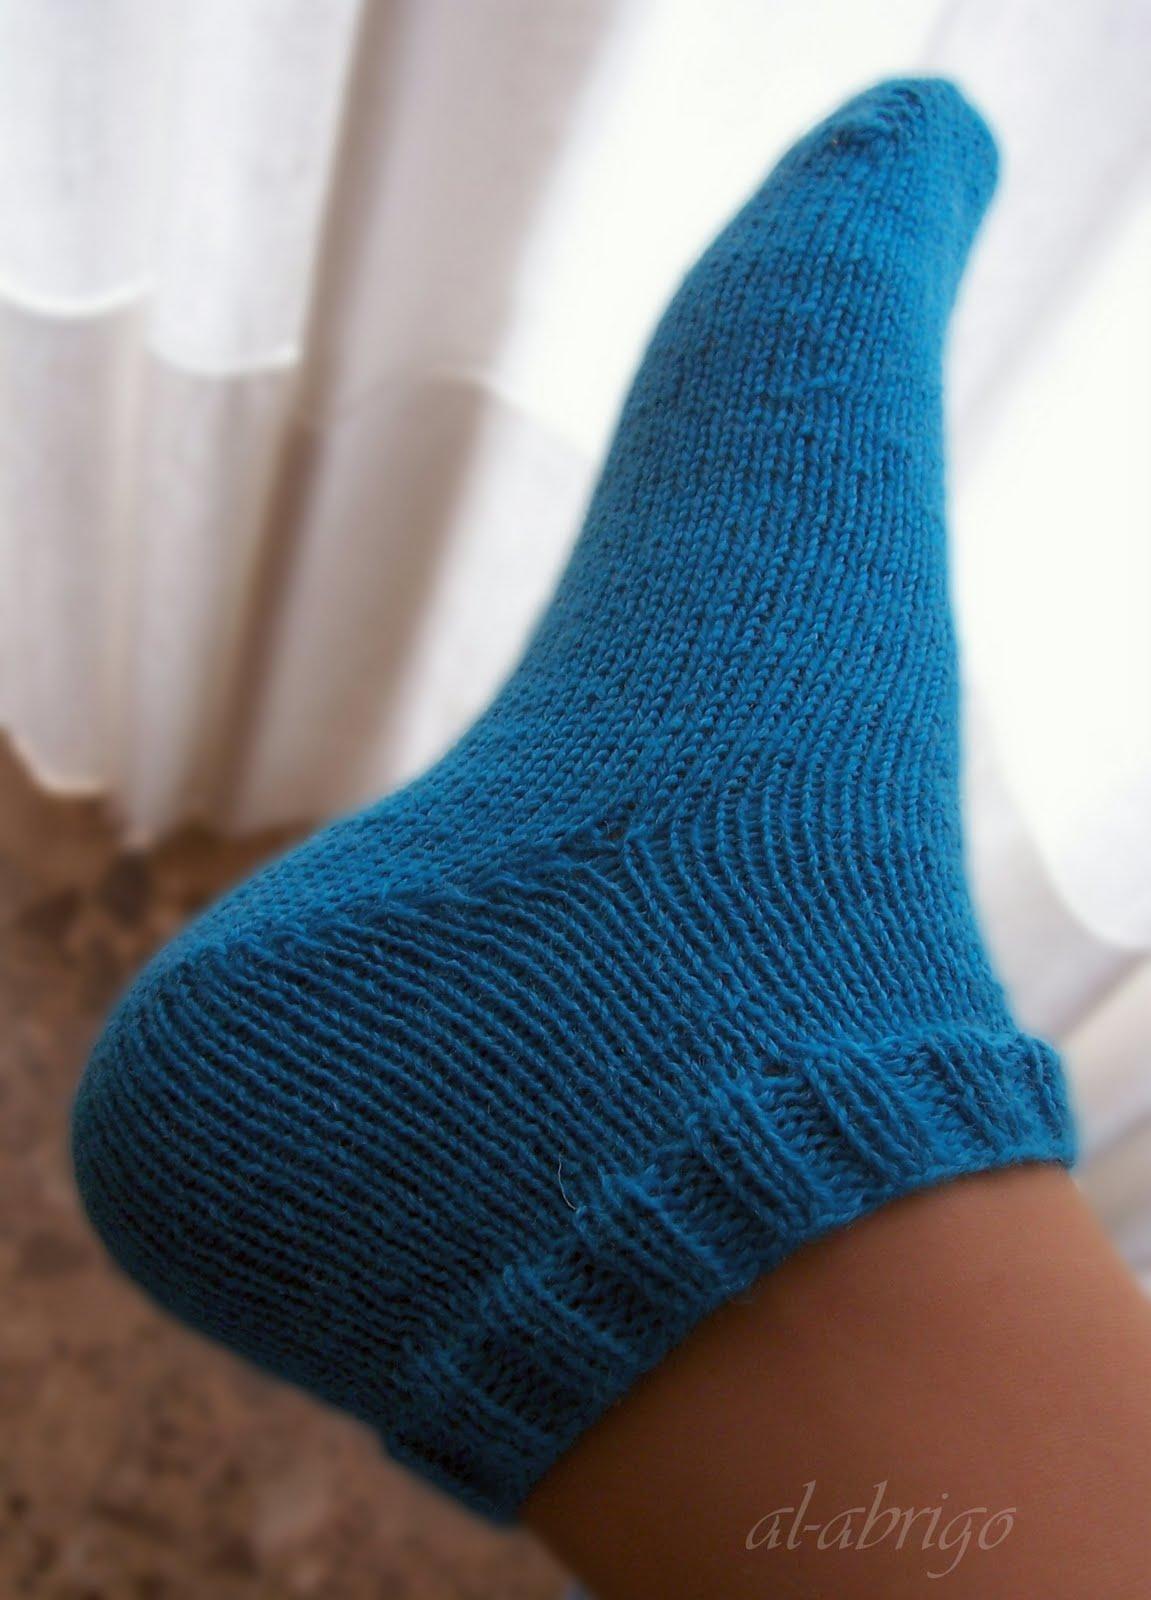 Principiante de calceta - Como hacer calcetines de lana ...